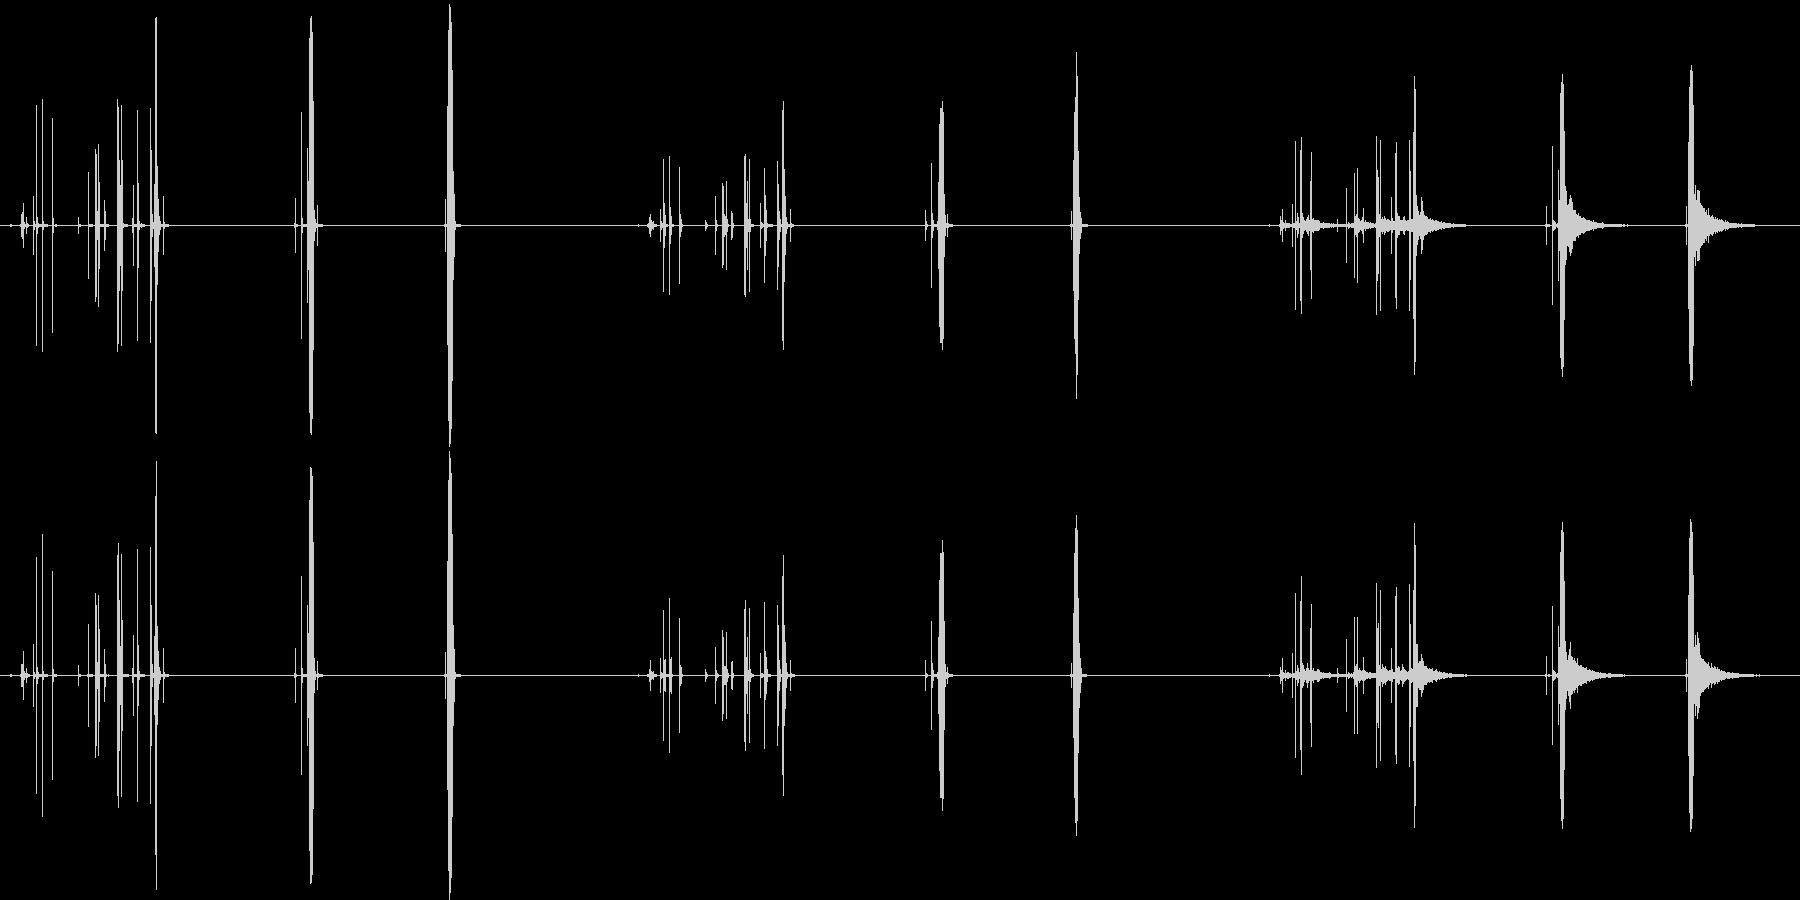 テープ、ショートプル、3バージョン...の未再生の波形